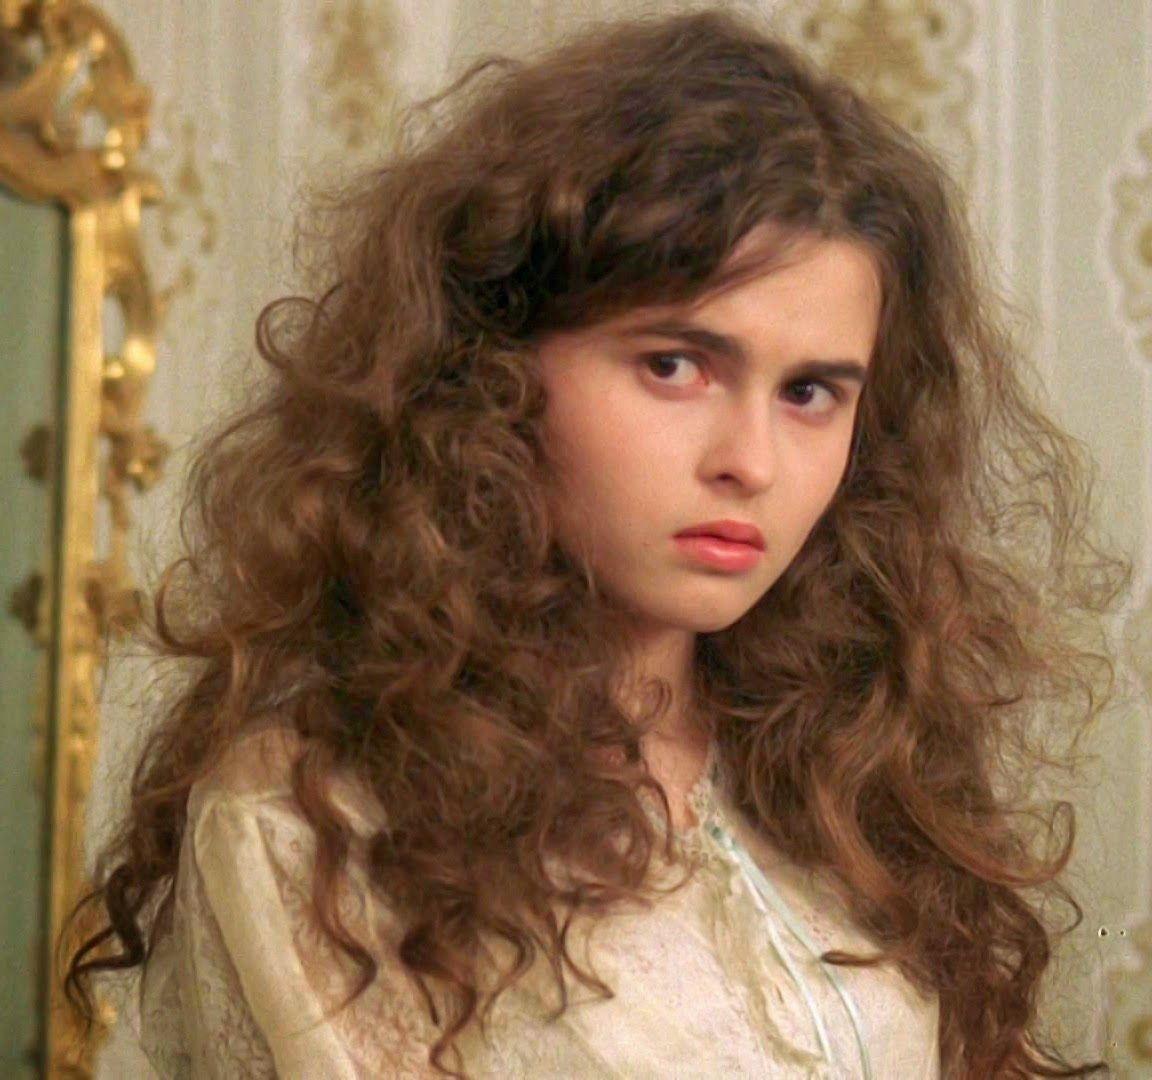 Welche Haarfarbe Hat Helena Bonham Carter In Einem Zimmer Mit Aussicht Ich Mochte Meine Haa Haarfarben Welche Haarfarbe Meine Haare